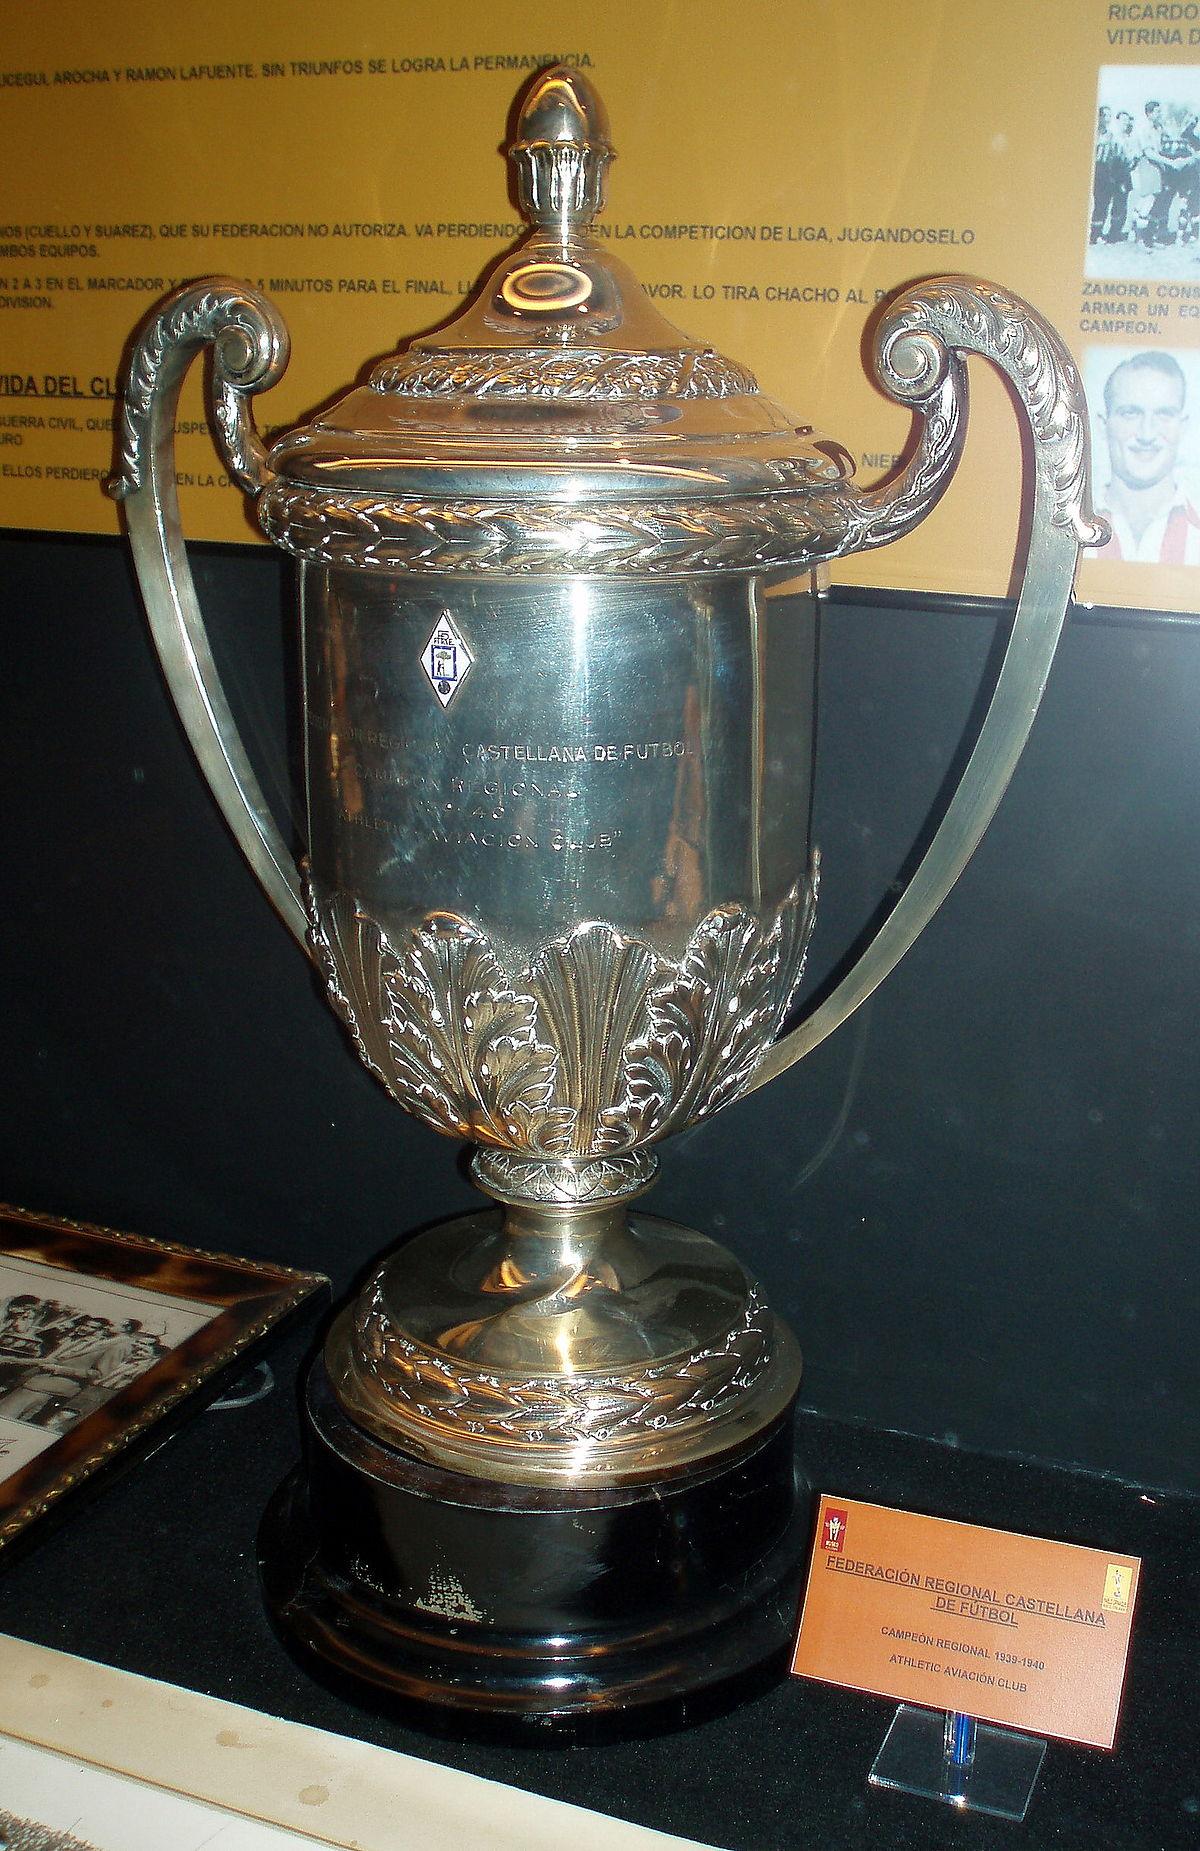 Campeonato Mancomunado Centro 1939 - Wikipedia c21e93fd1bd7d